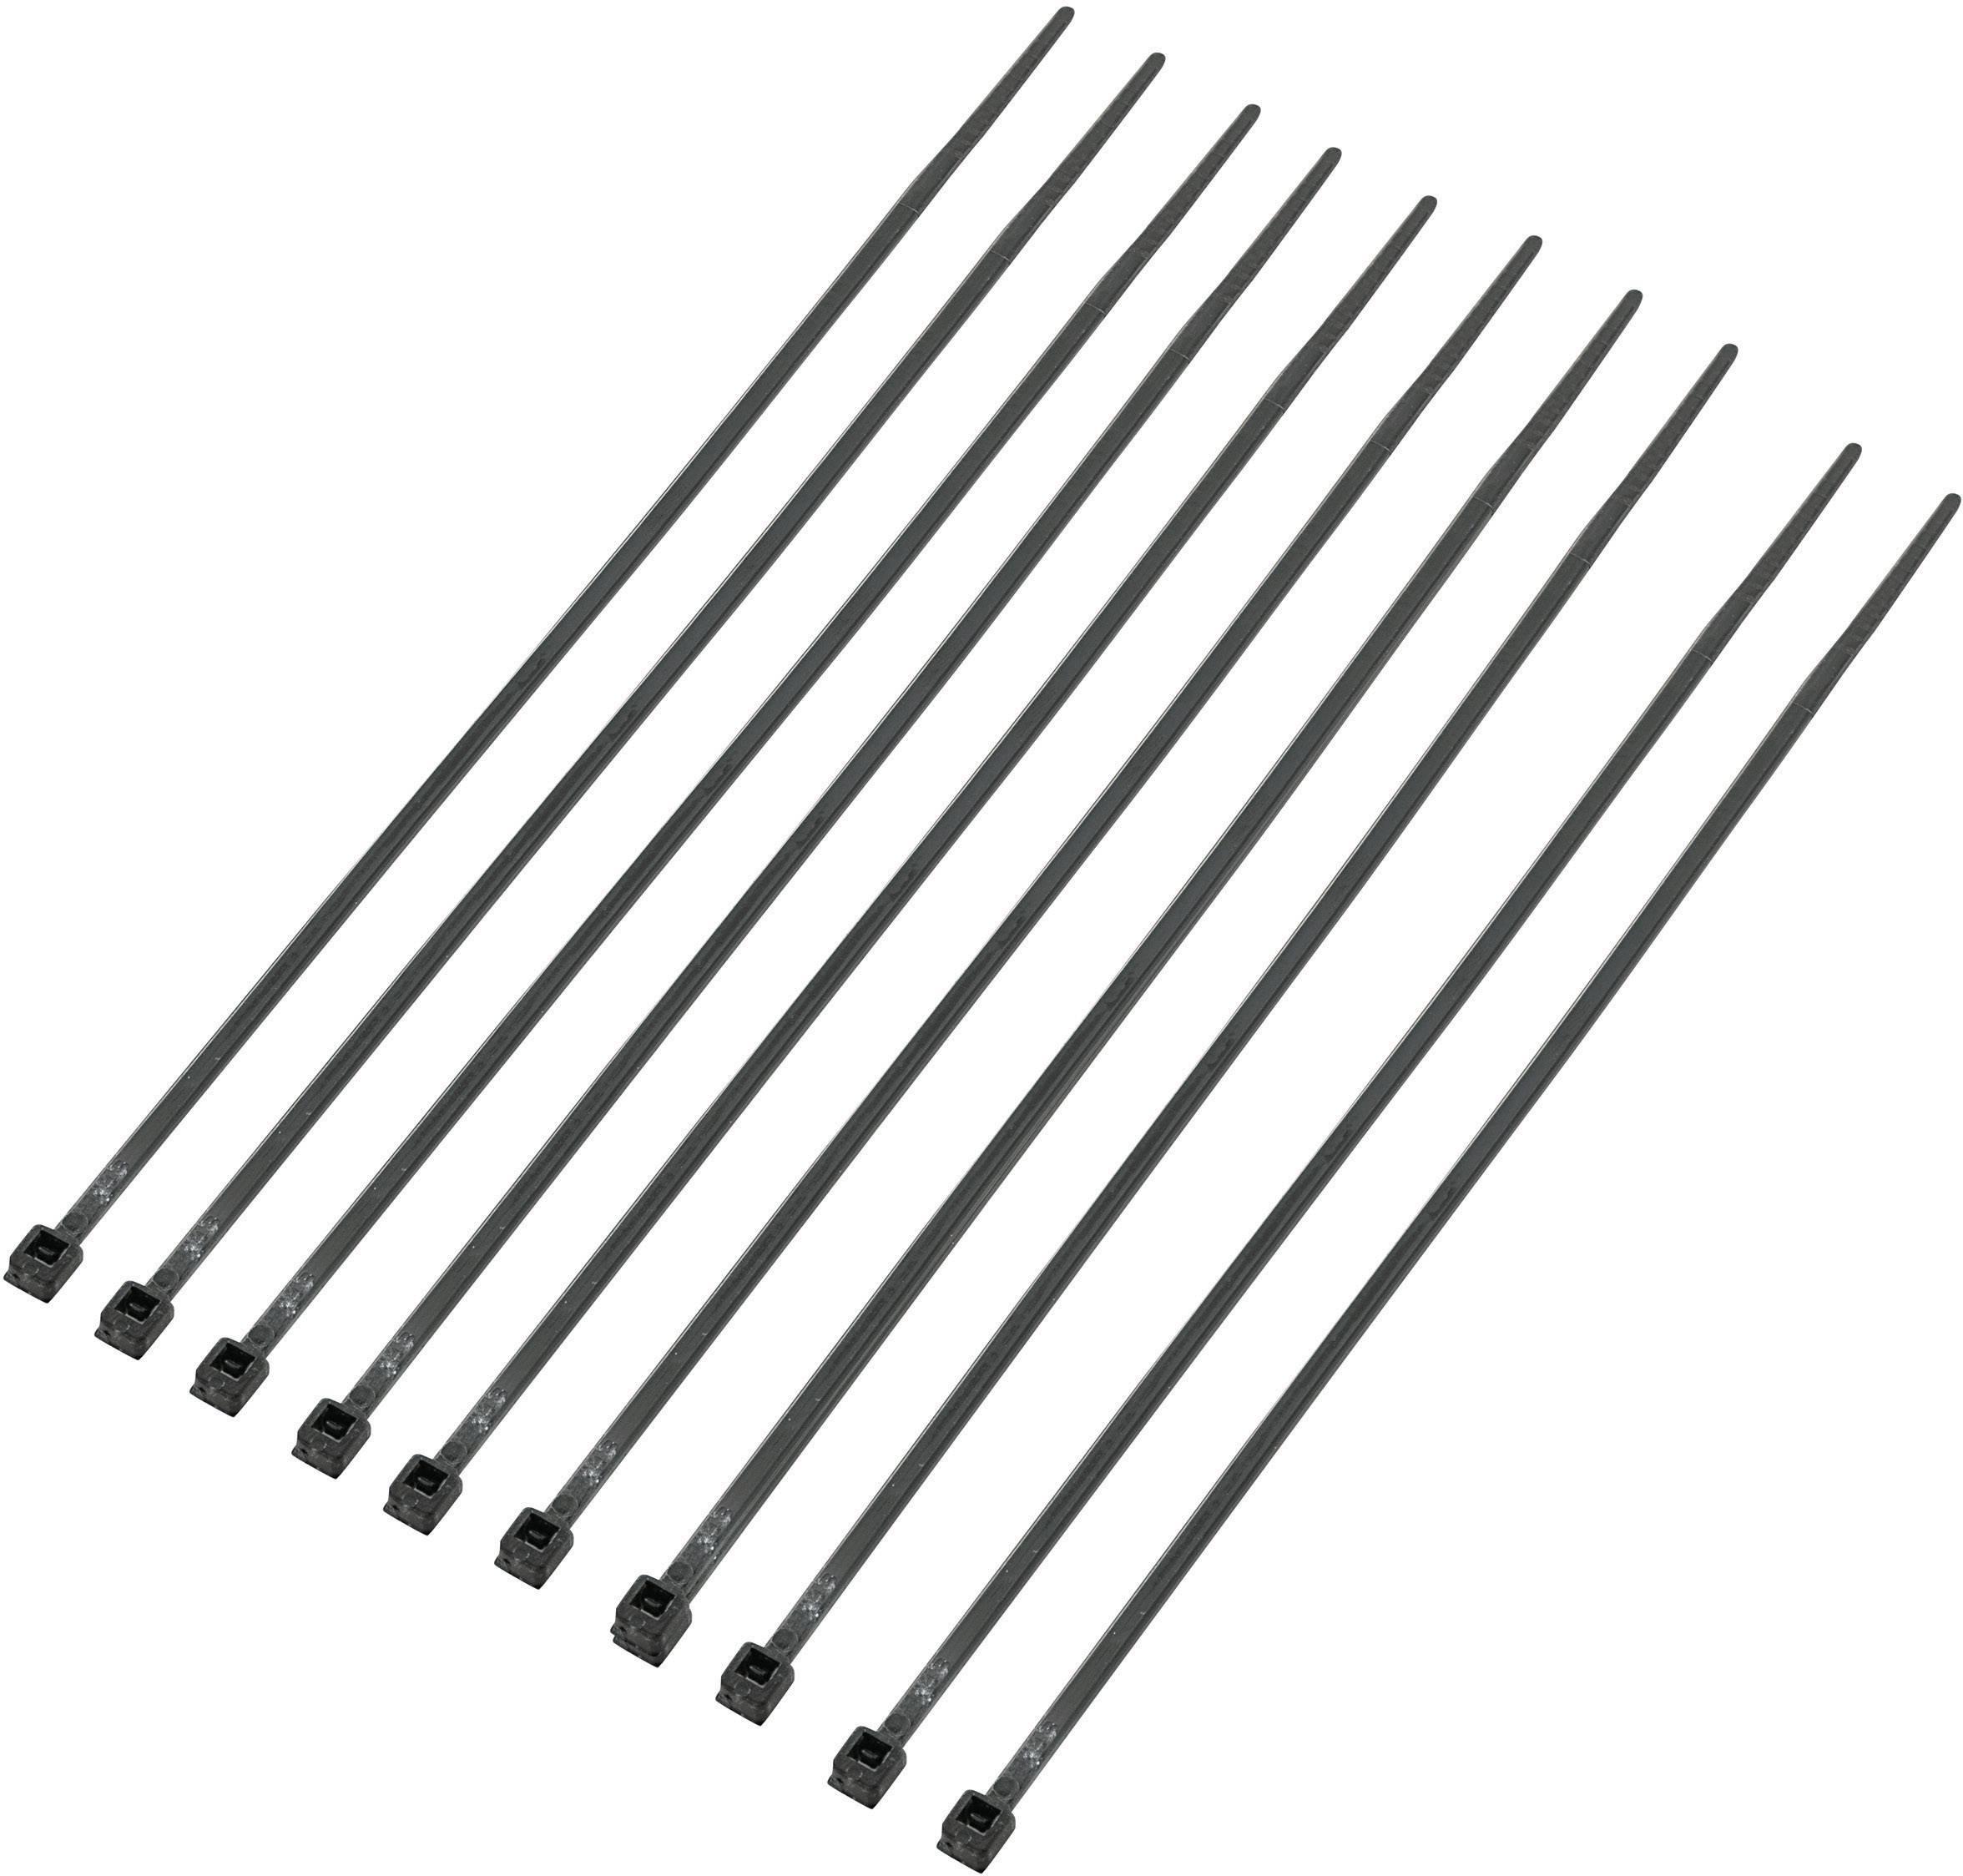 Sada stahovacích pásek KSS CV150KBK, 150 mm x 2,5 mm, 1000 ks, černá